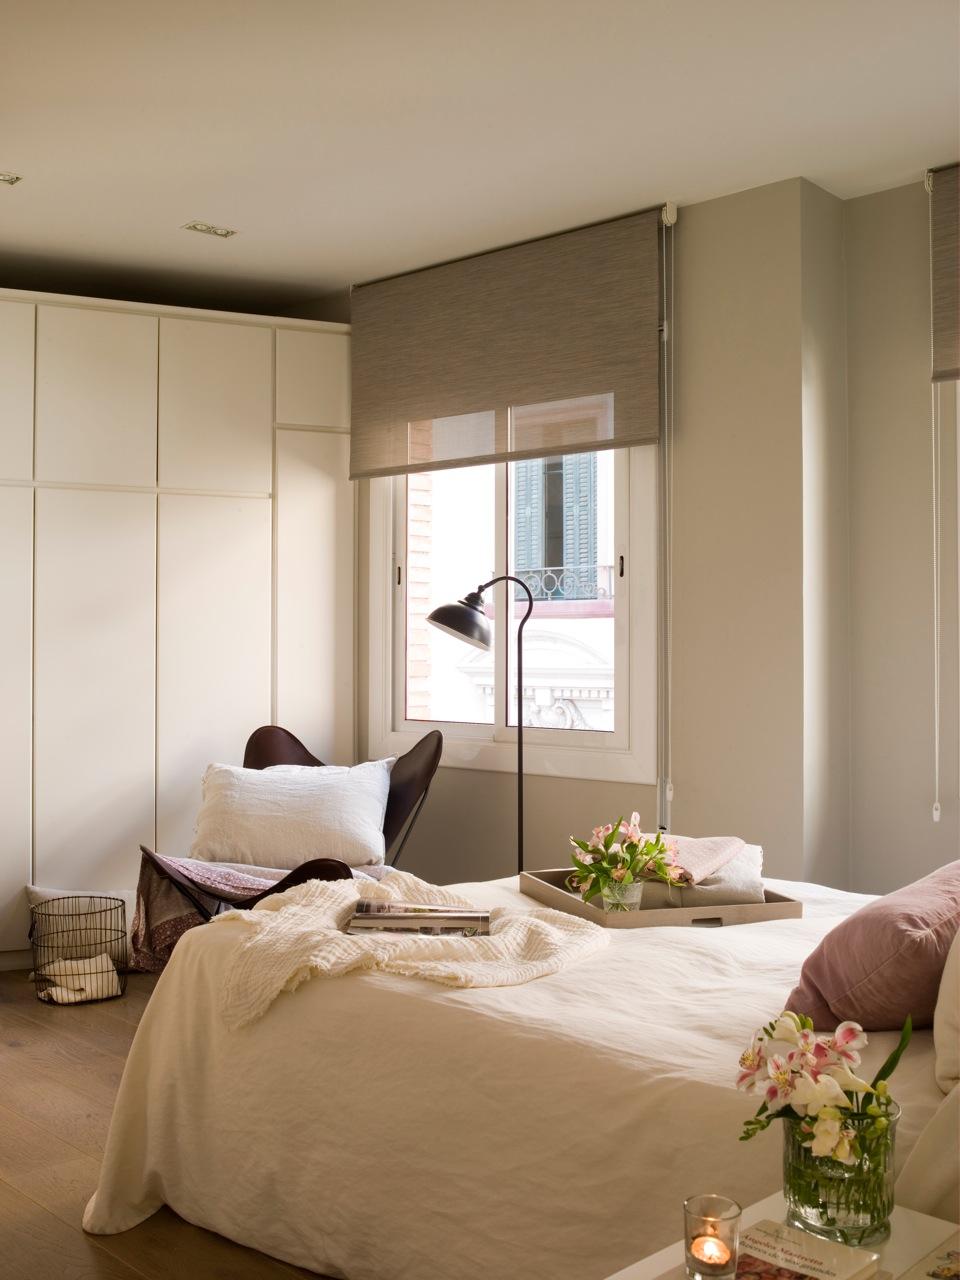 adelaparvu.com despre reamenajare apartament de doua camere, design interior Jeanette Trensig (7)